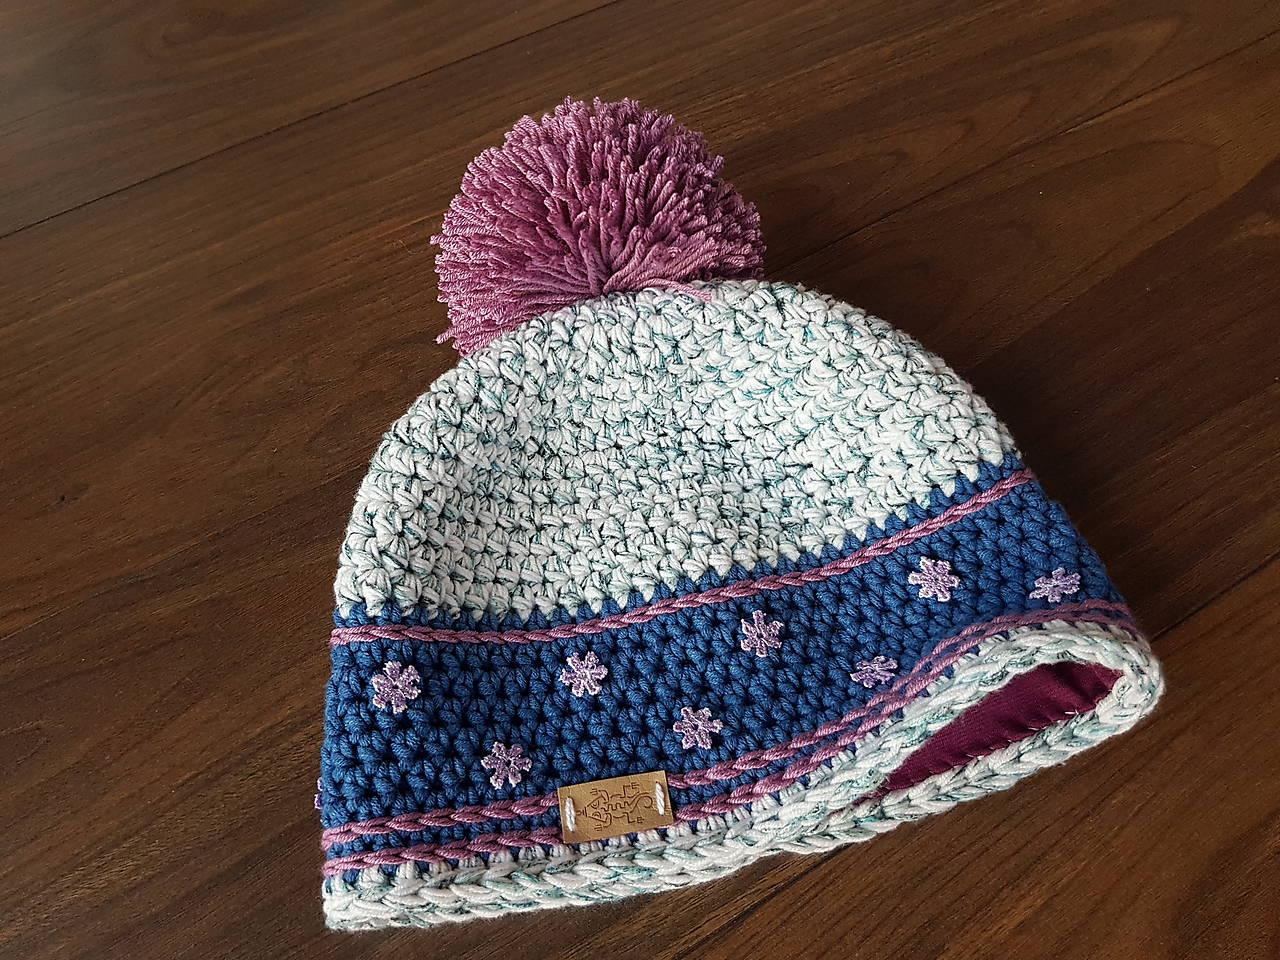 a8fe71ab6 ... Detské čiapky - Hackovana zimna ciapka s brmbolcom -  biela/modrá/fialová - 8948698_